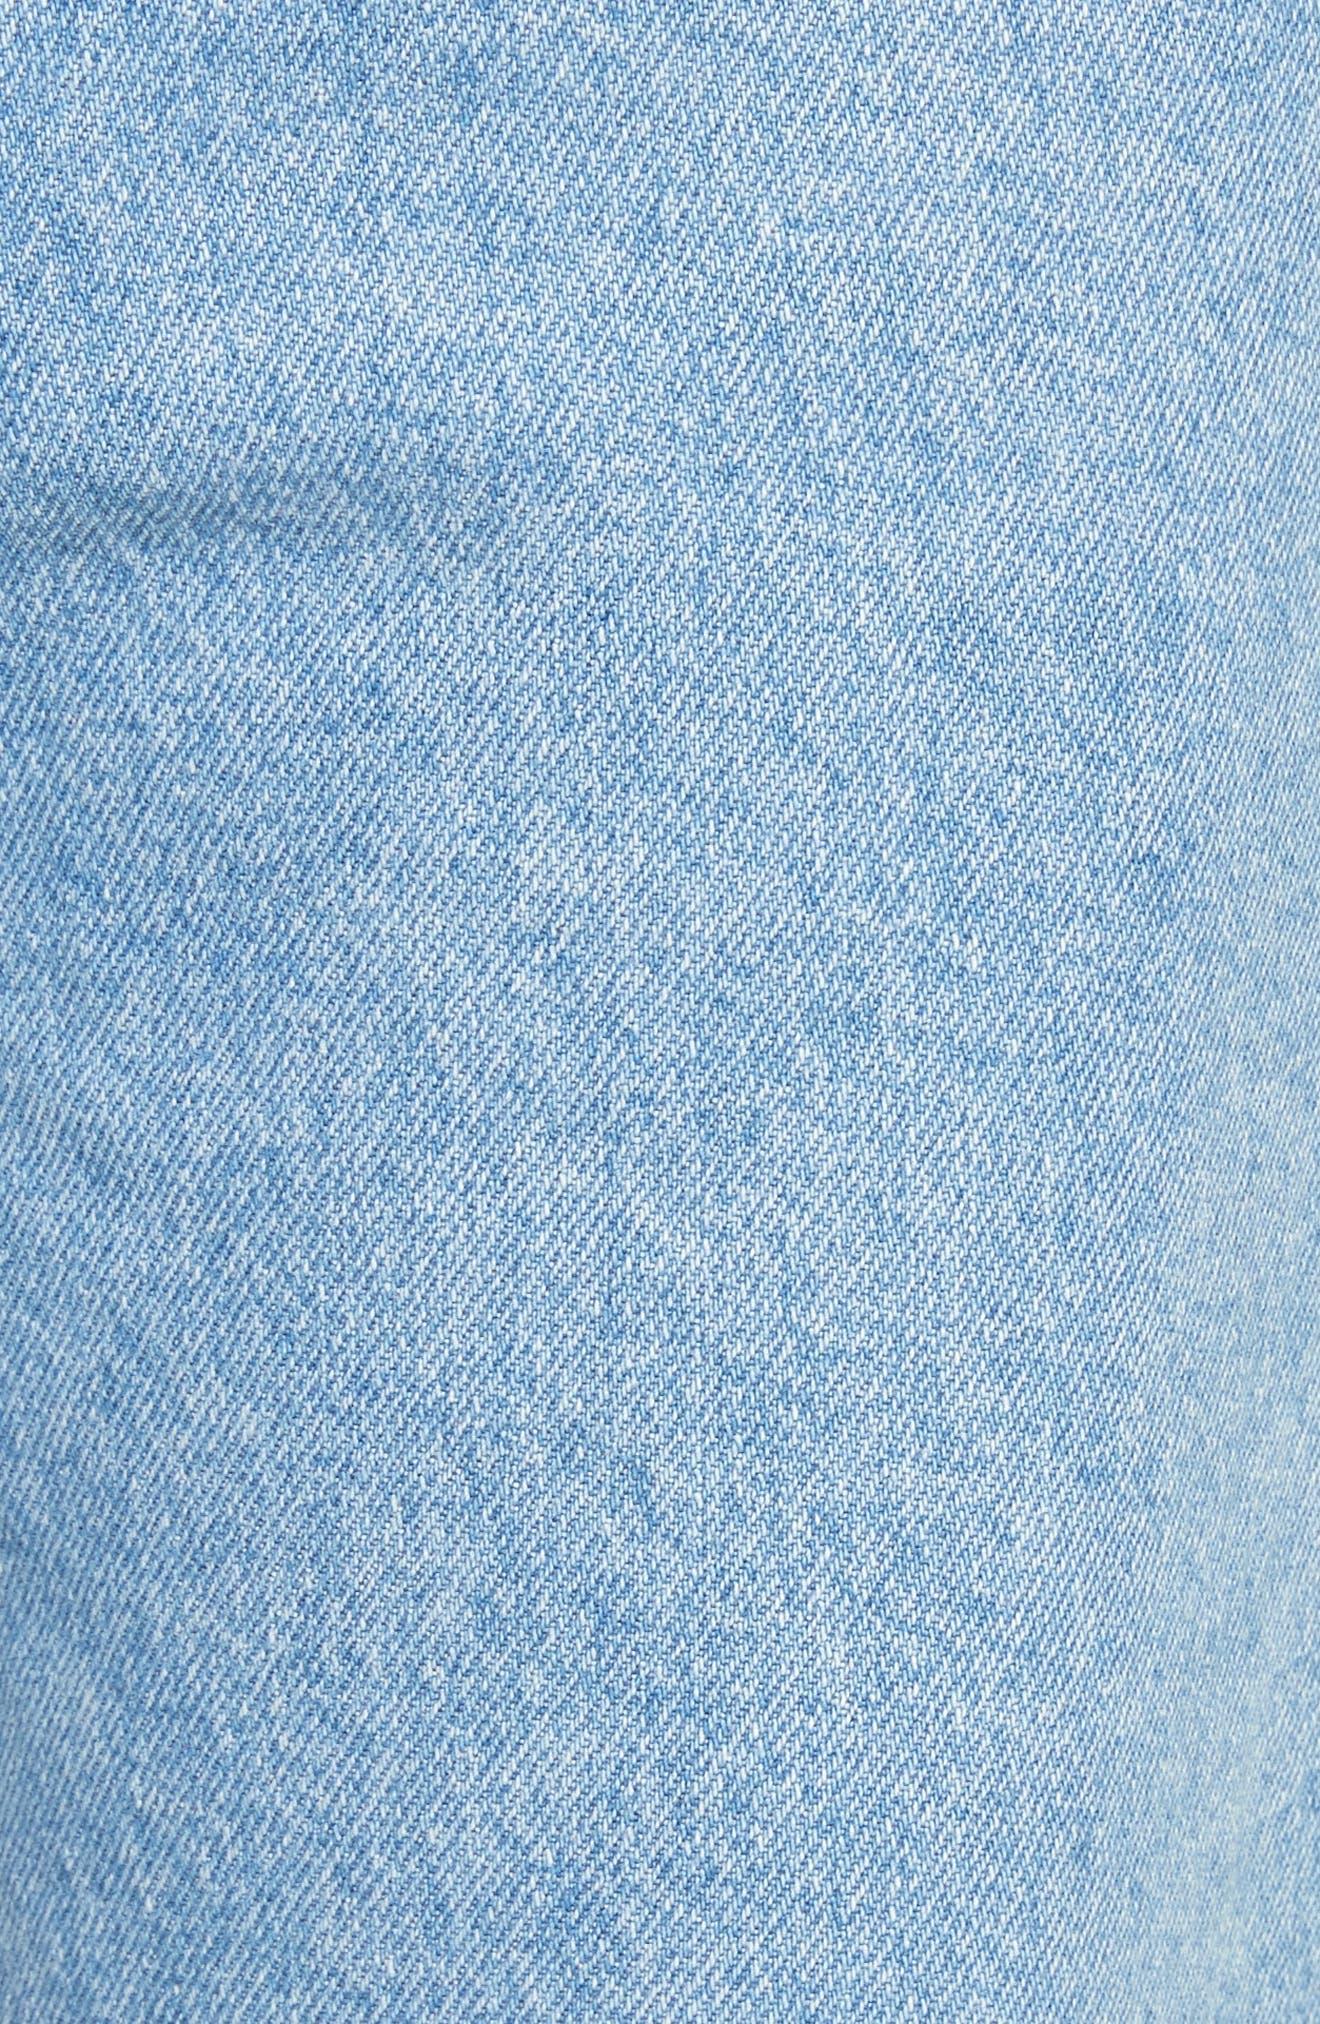 EL Wide Leg Jeans,                             Alternate thumbnail 5, color,                             400